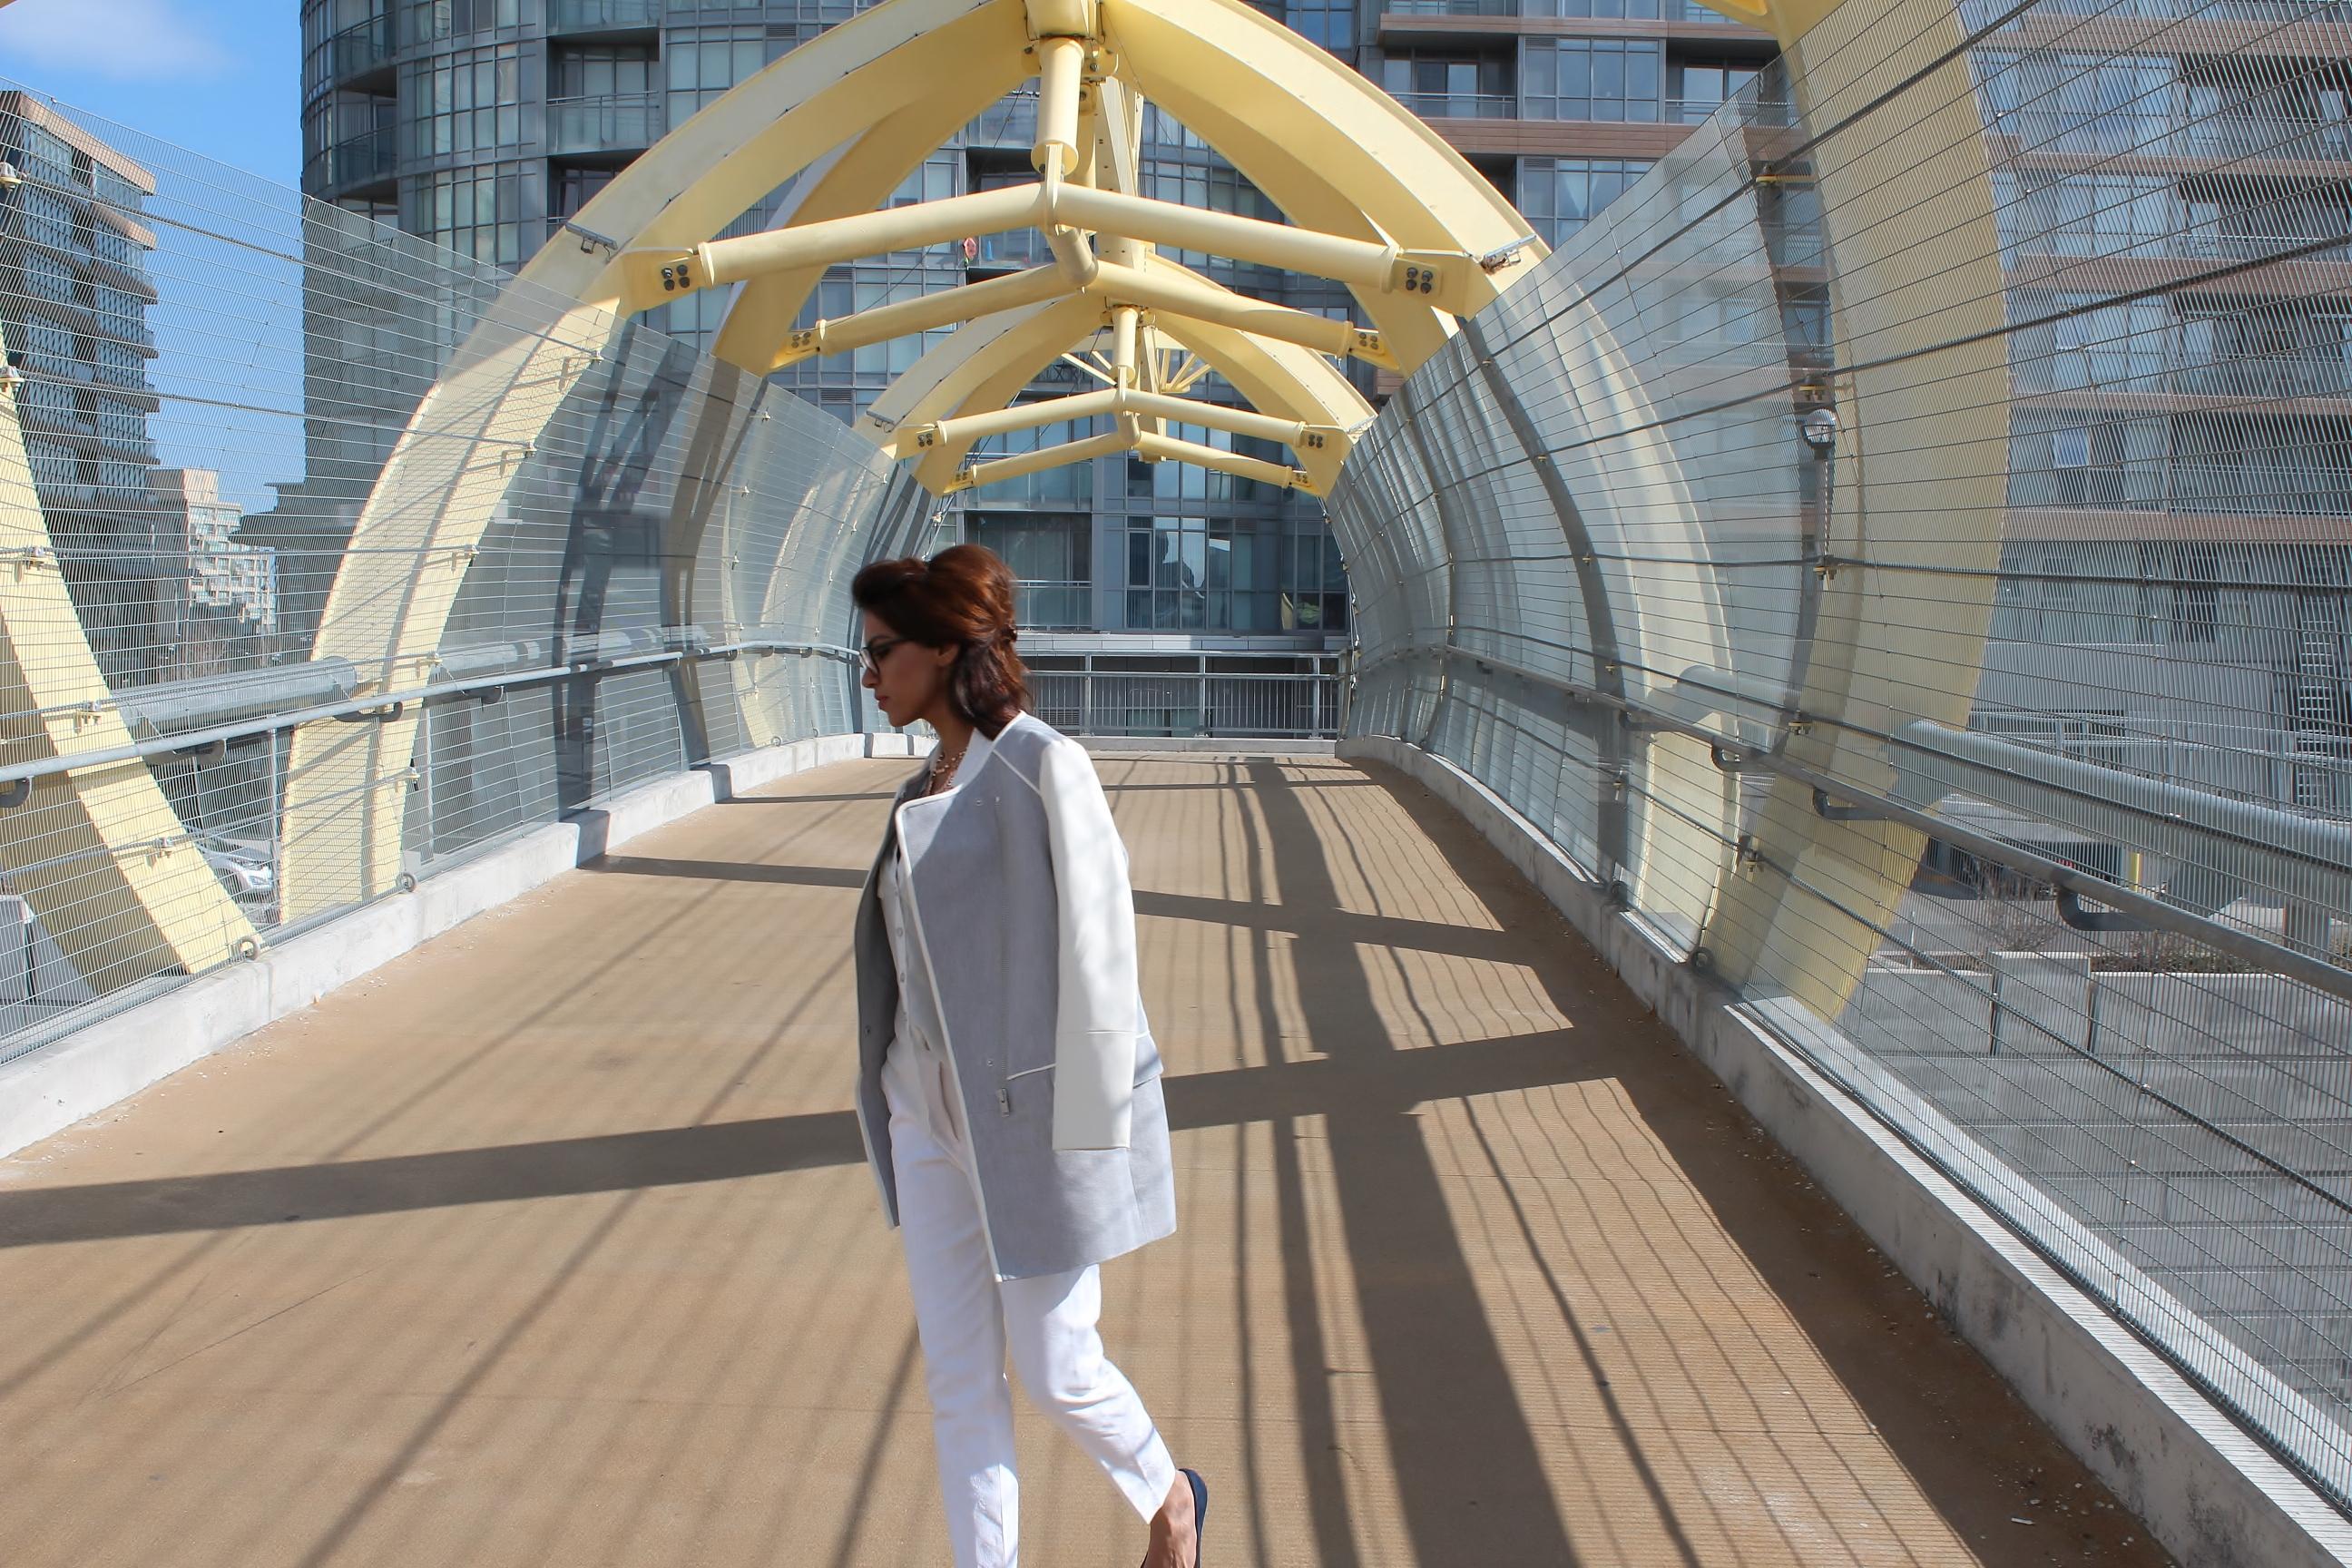 puente de luz ootd